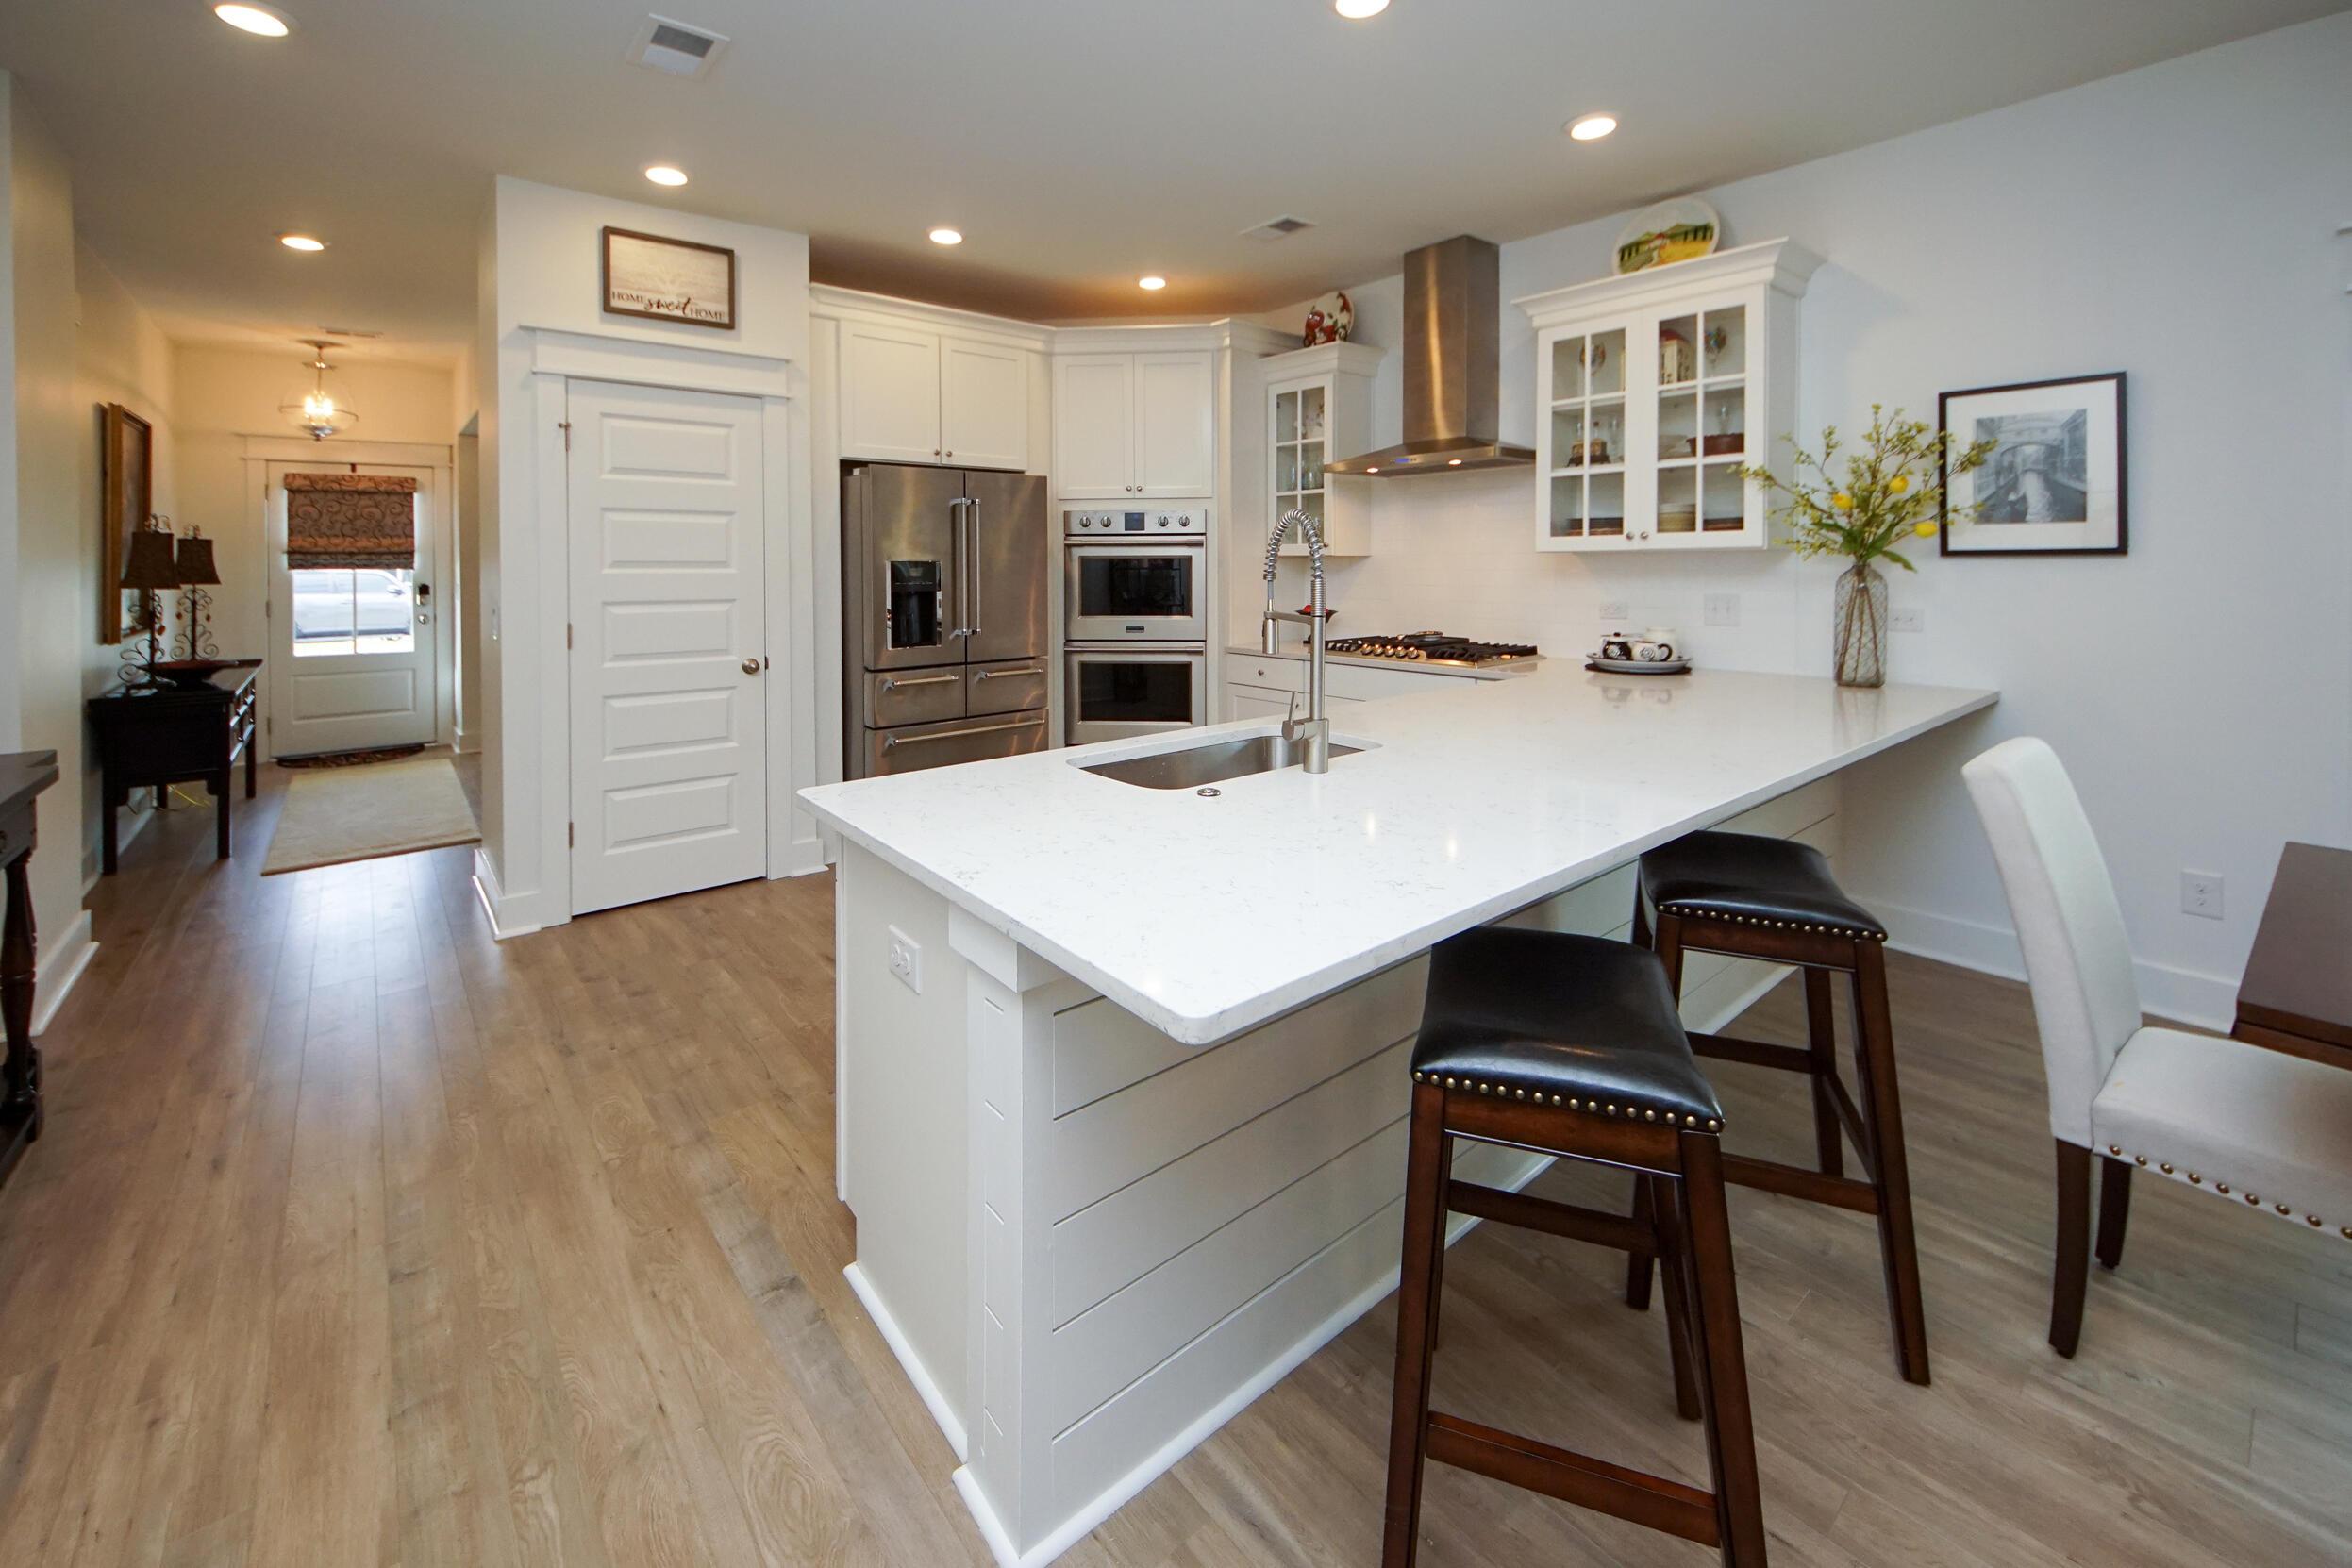 Park West Homes For Sale - 3085 Caspian, Mount Pleasant, SC - 8